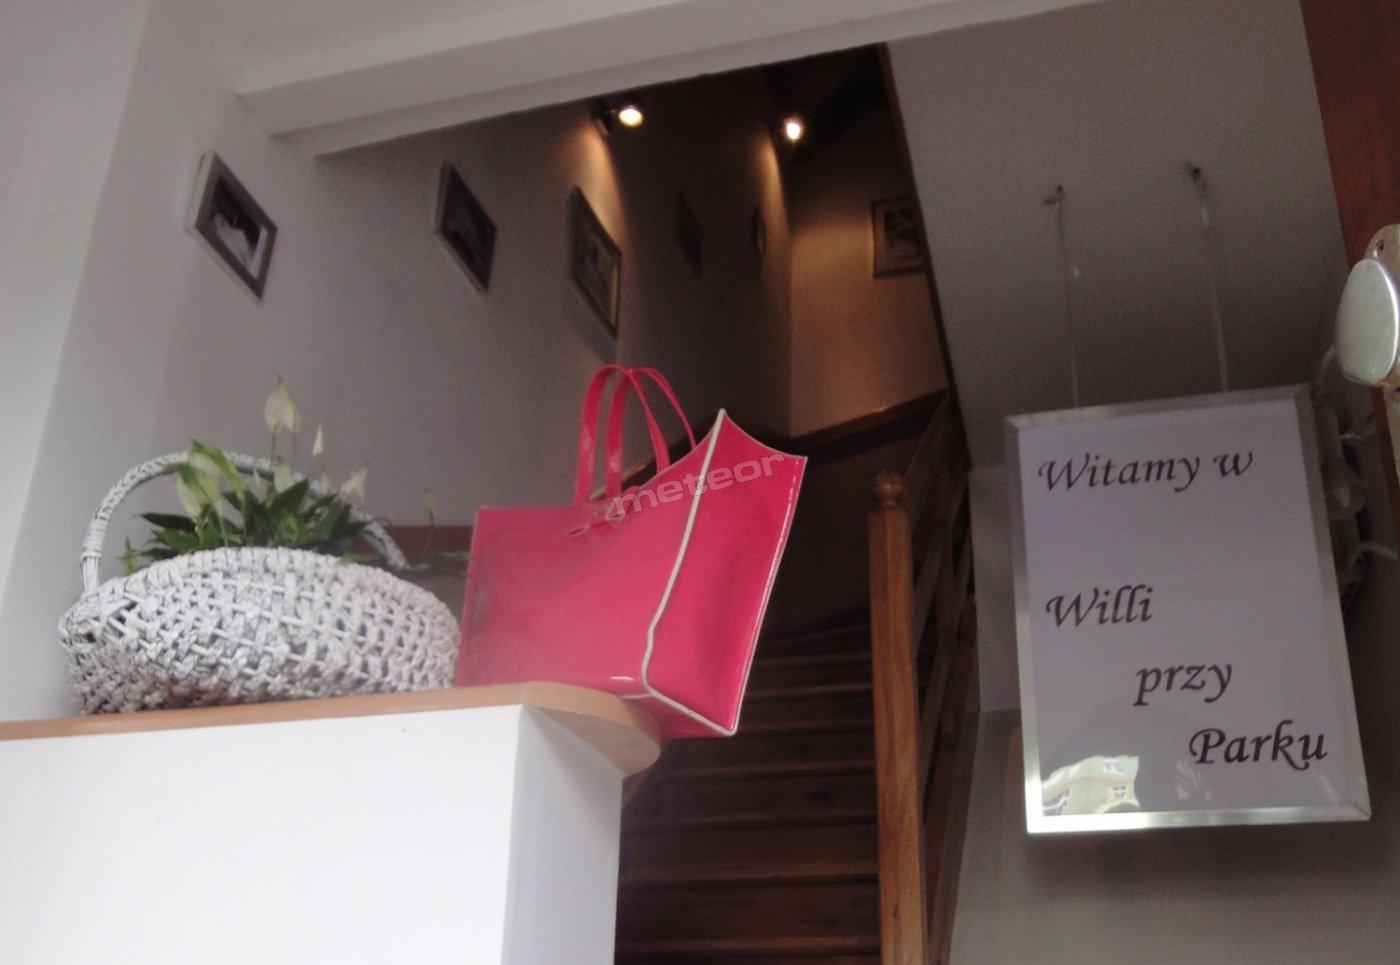 Wejście... oczekujące na przywitanie Gości :)